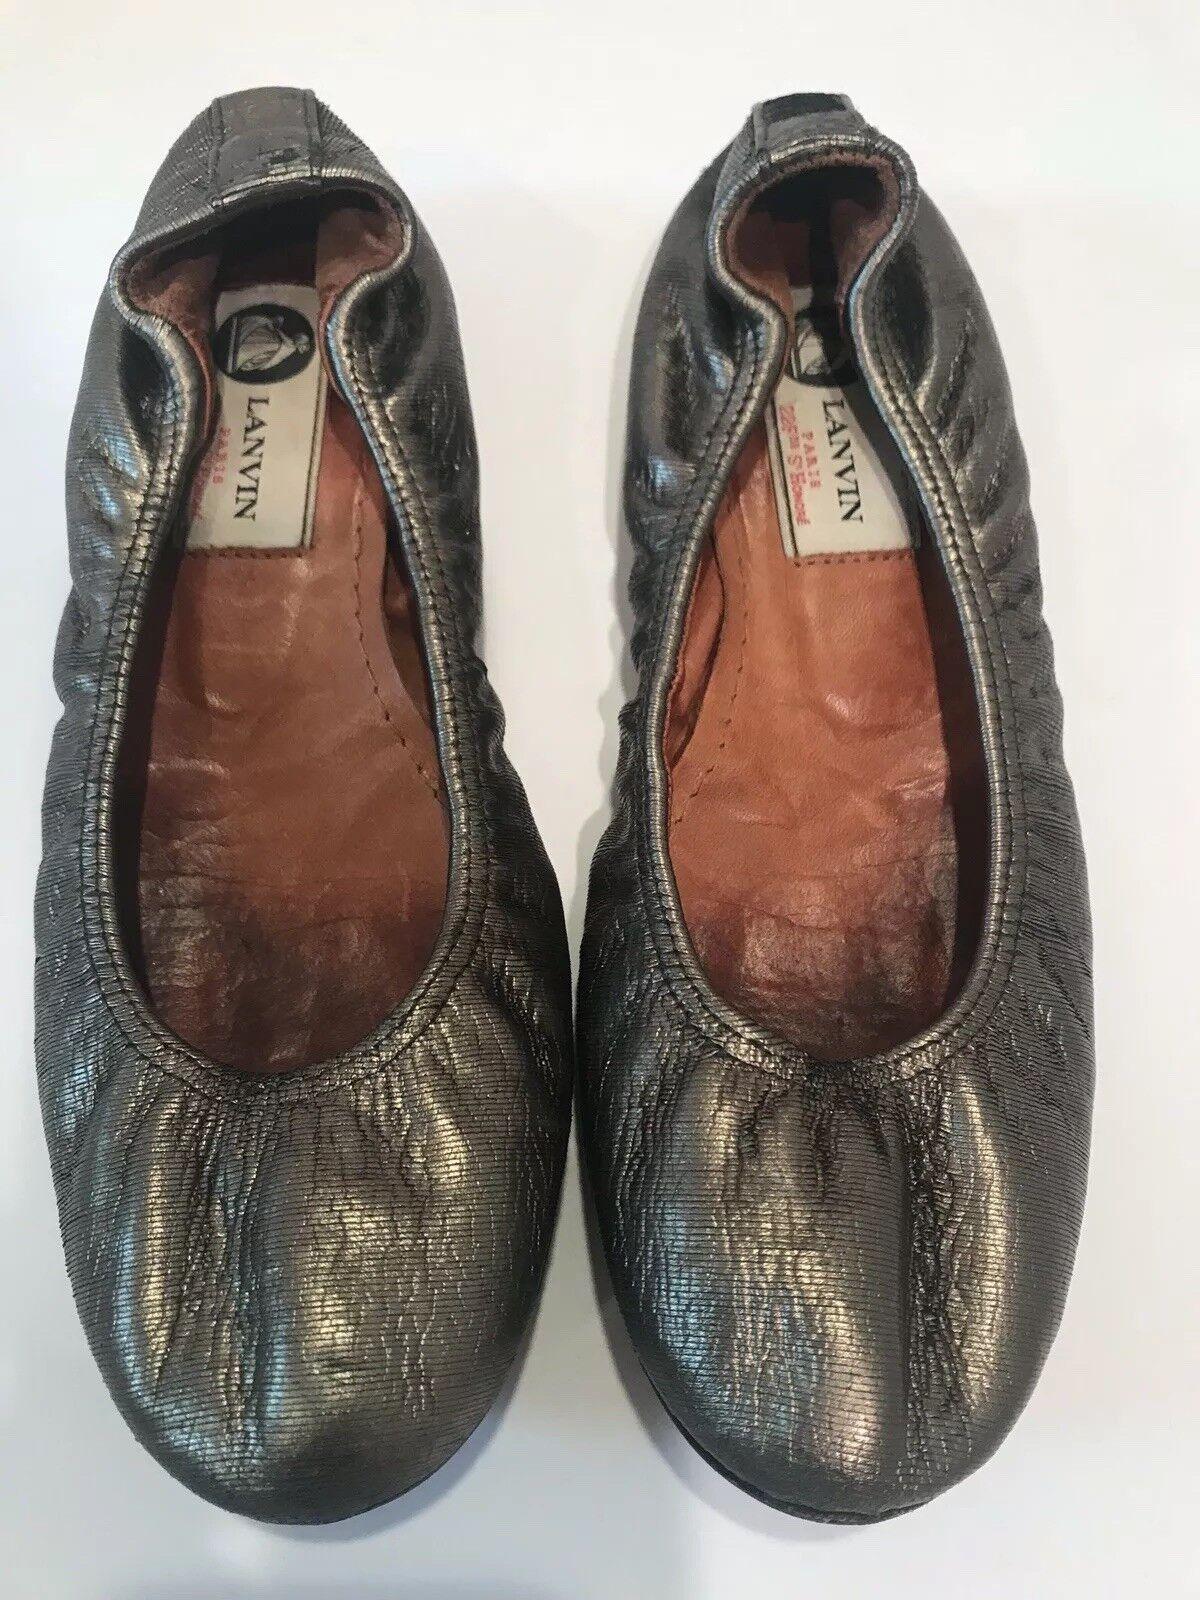 promozioni Lanvin oro Stretchy Stretchy Stretchy Rounded Toe Distressed Leather Donna Flats Dimensione 35.5  fino al 70% di sconto